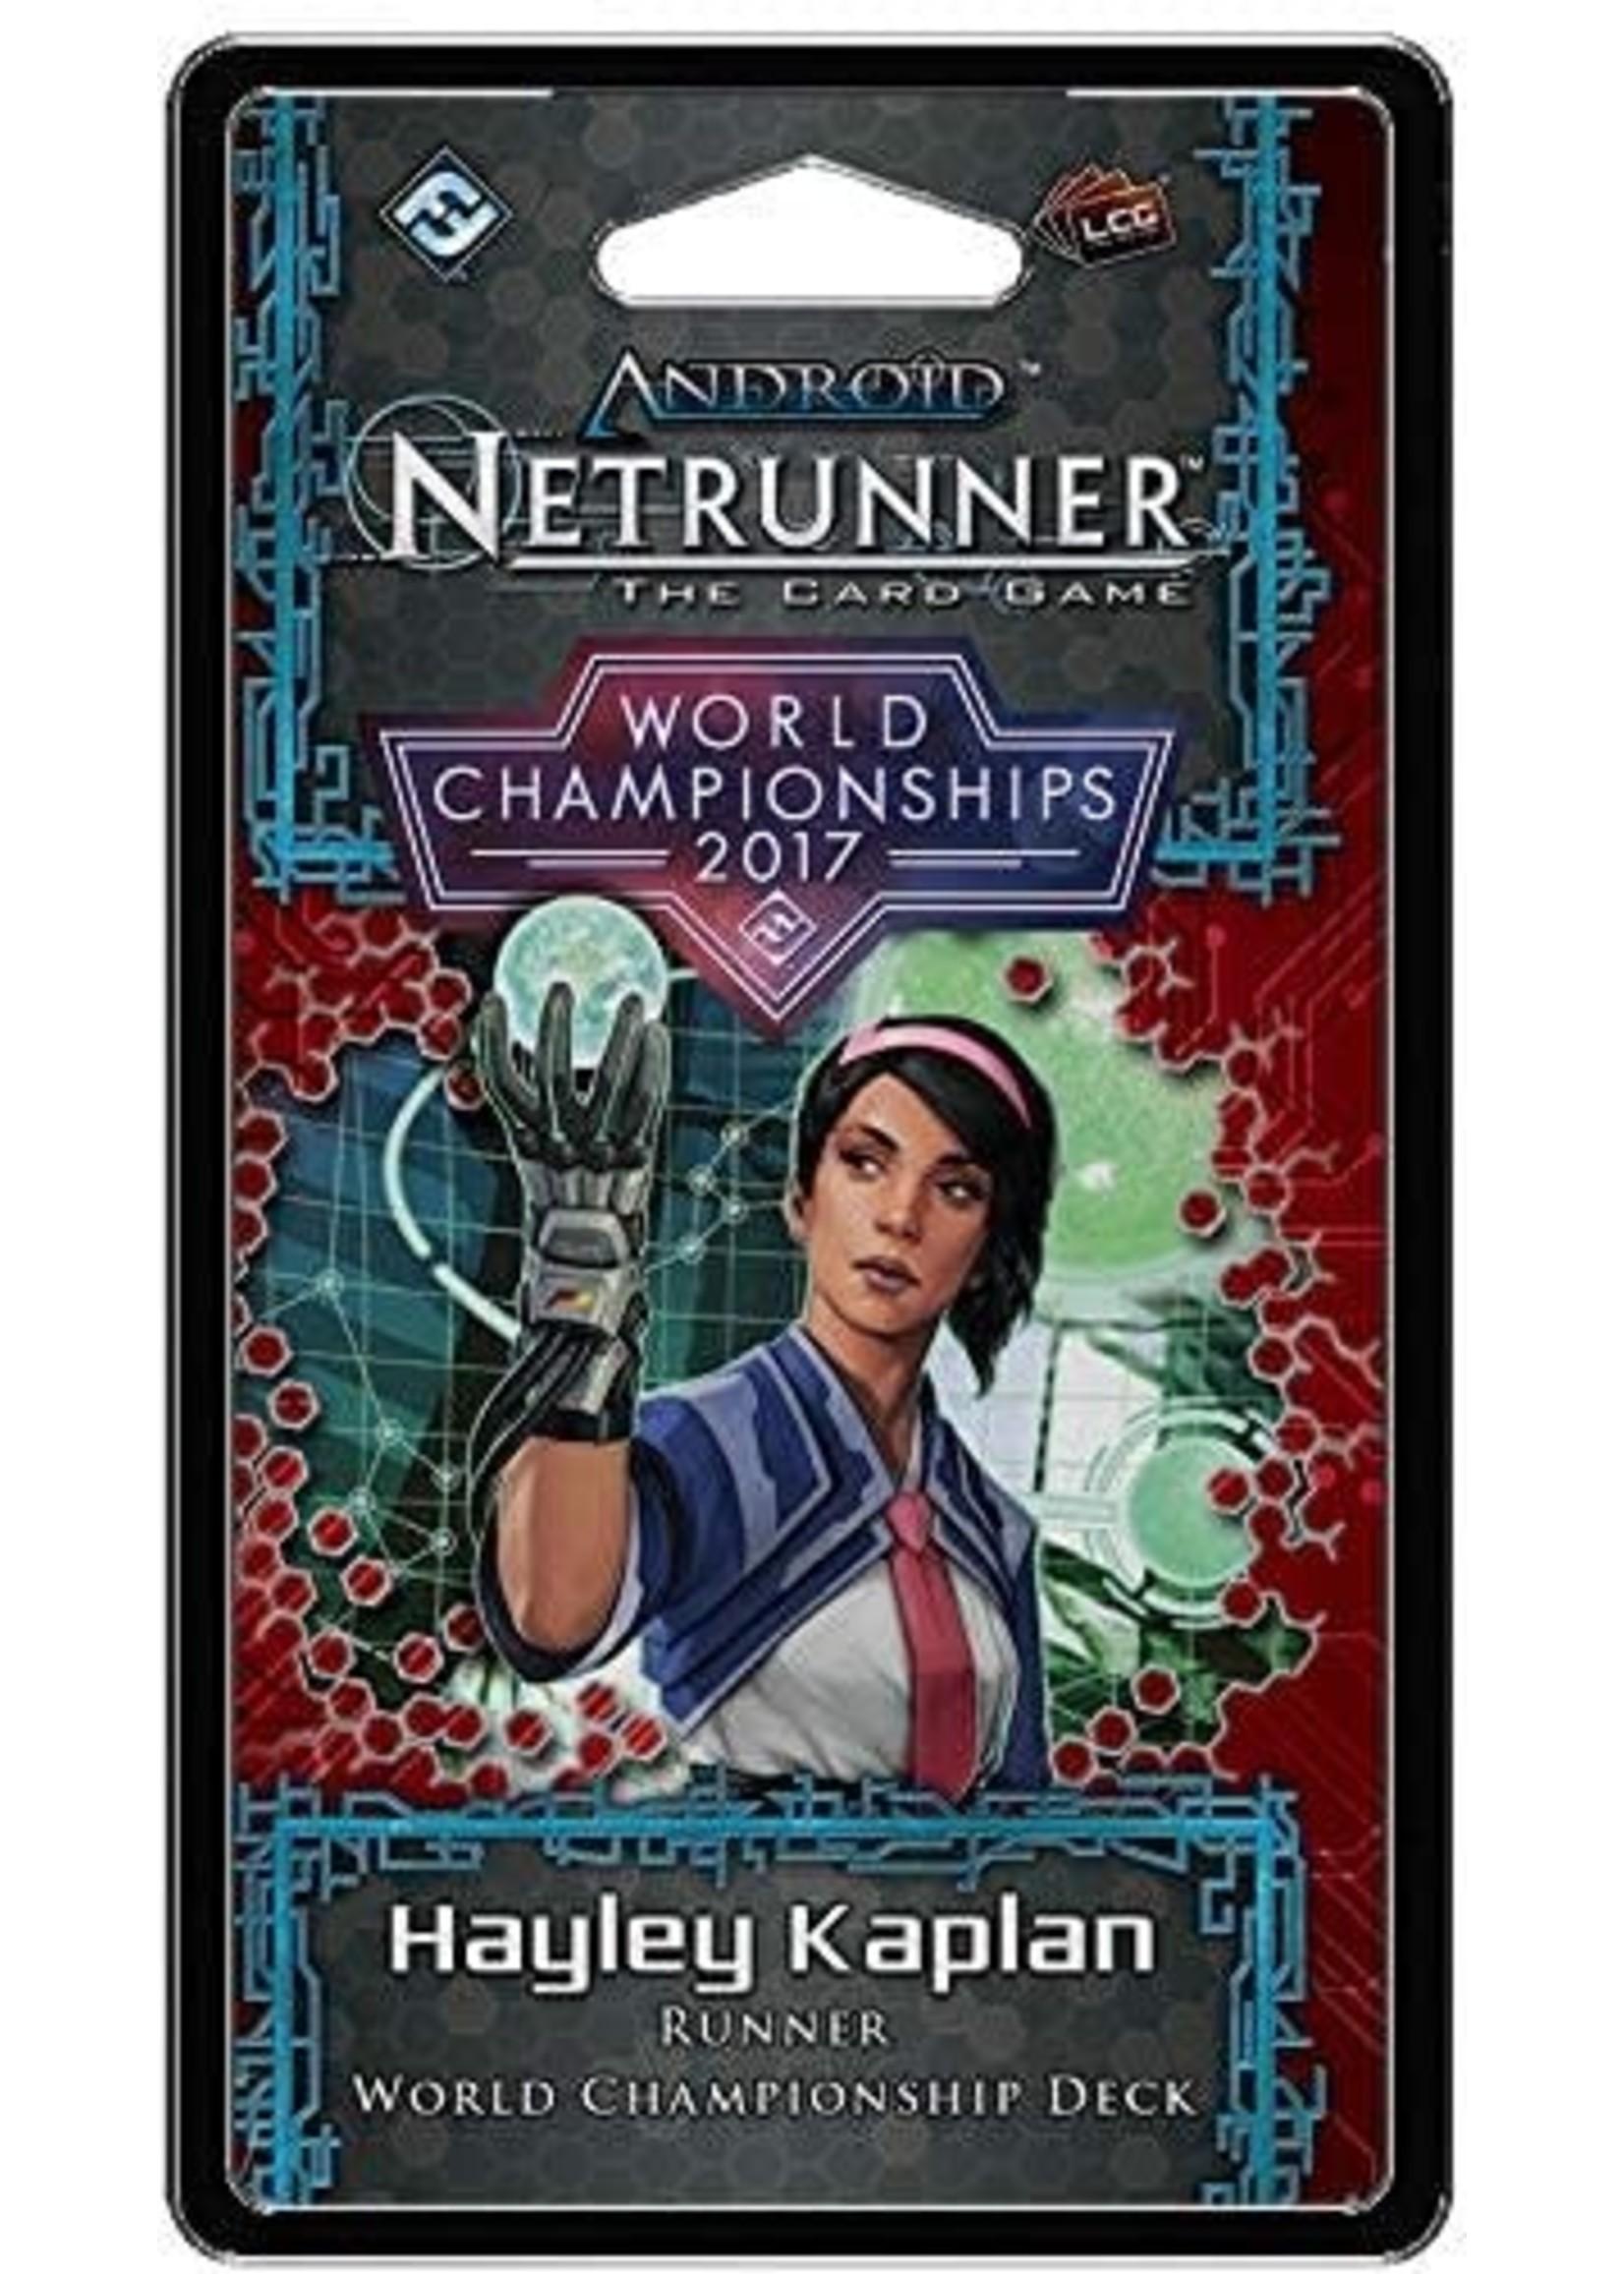 Android Netrunner 2017 World Championship Runner Deck